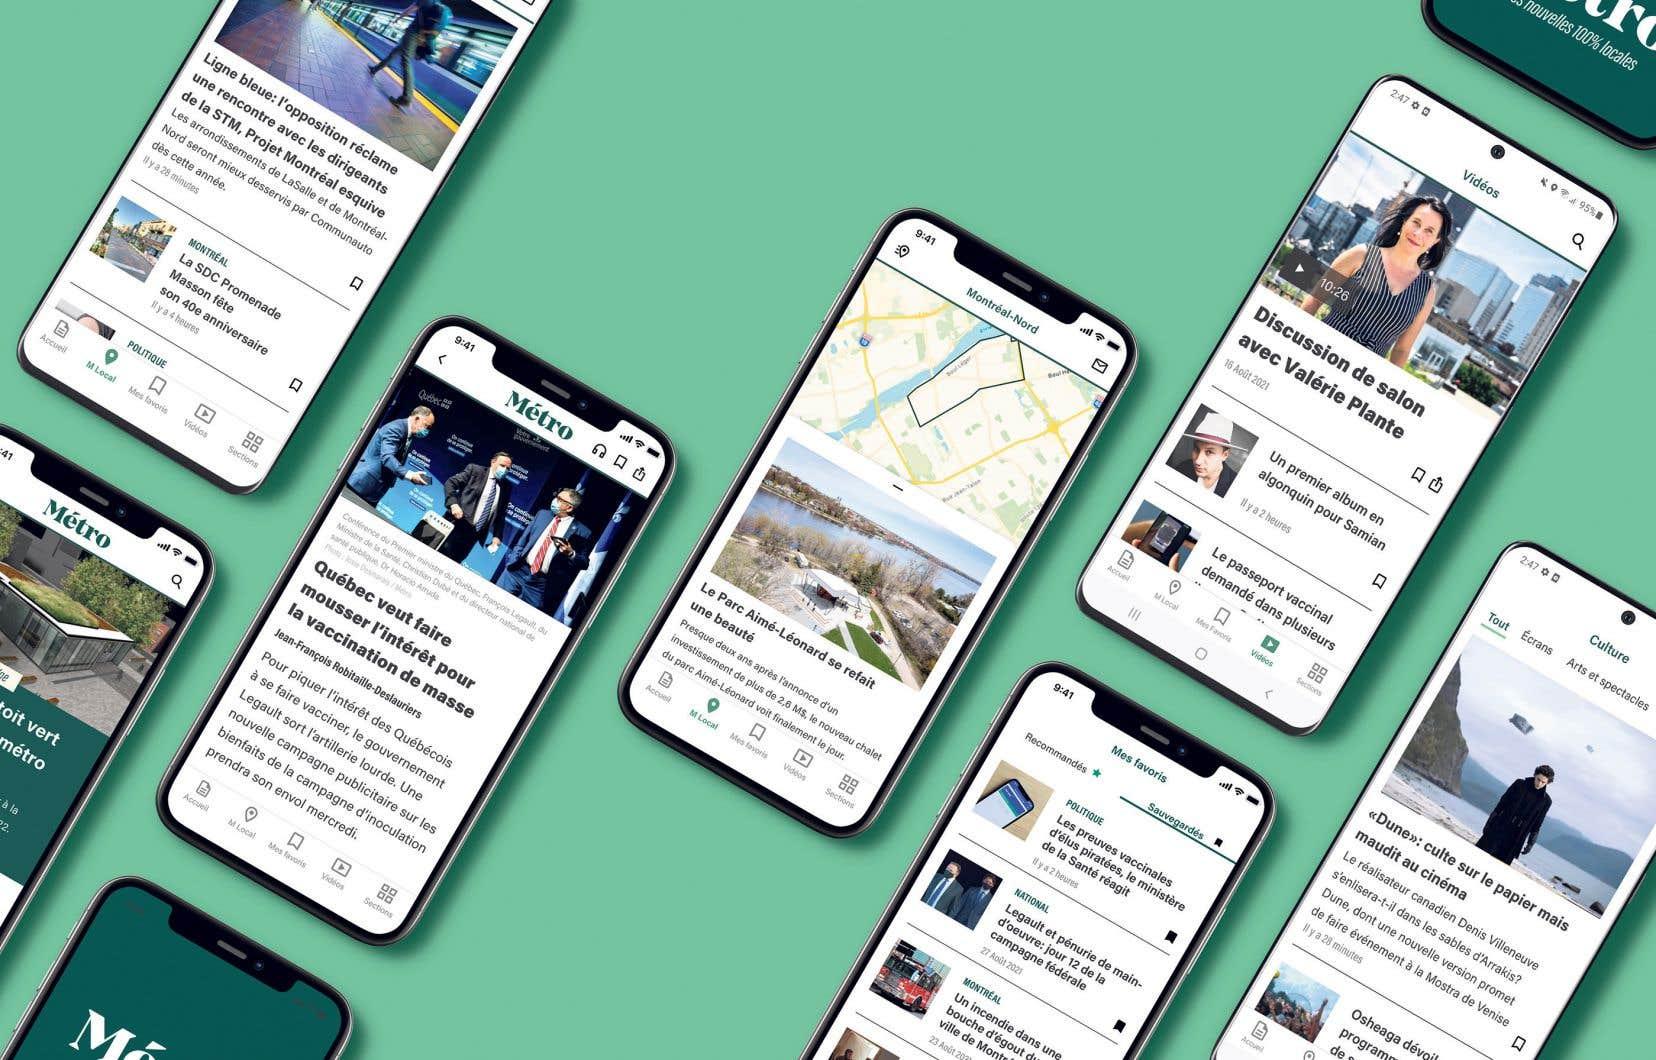 Pour atteindre les millénariaux, Métro Média a accéléré son virage numérique. Les contenus journalistiques ont été adaptés au format numérique. On trouvera ainsi davantage de nouvelles sous forme d'infographies, de vidéos courtes ou encore de photoreportages, et un site Web rafraîchi.